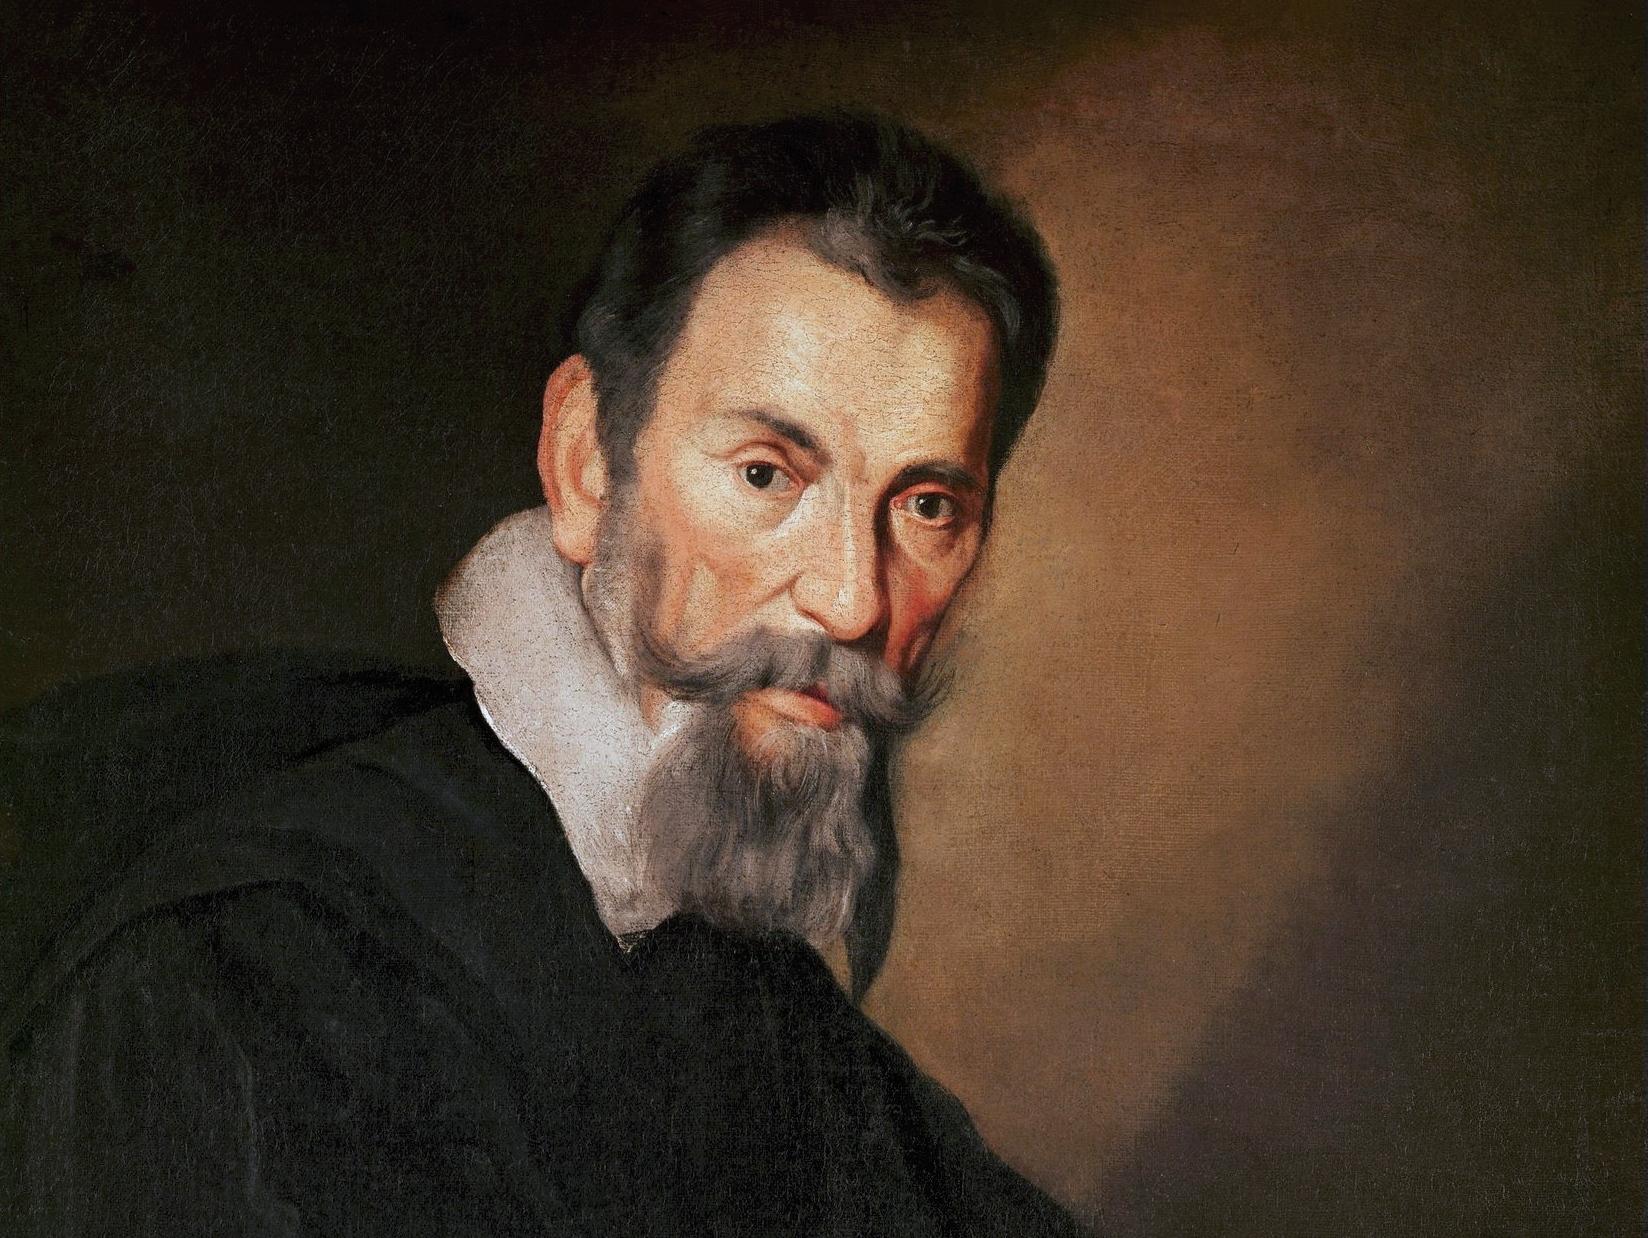 Ο Ιταλός συνθέτης Κλάουντιο Μοντεβέρντι (Κρεμόνα, 15 Μαΐου 1567 - Βενετία, 29 Νοεμβρίου 1643)